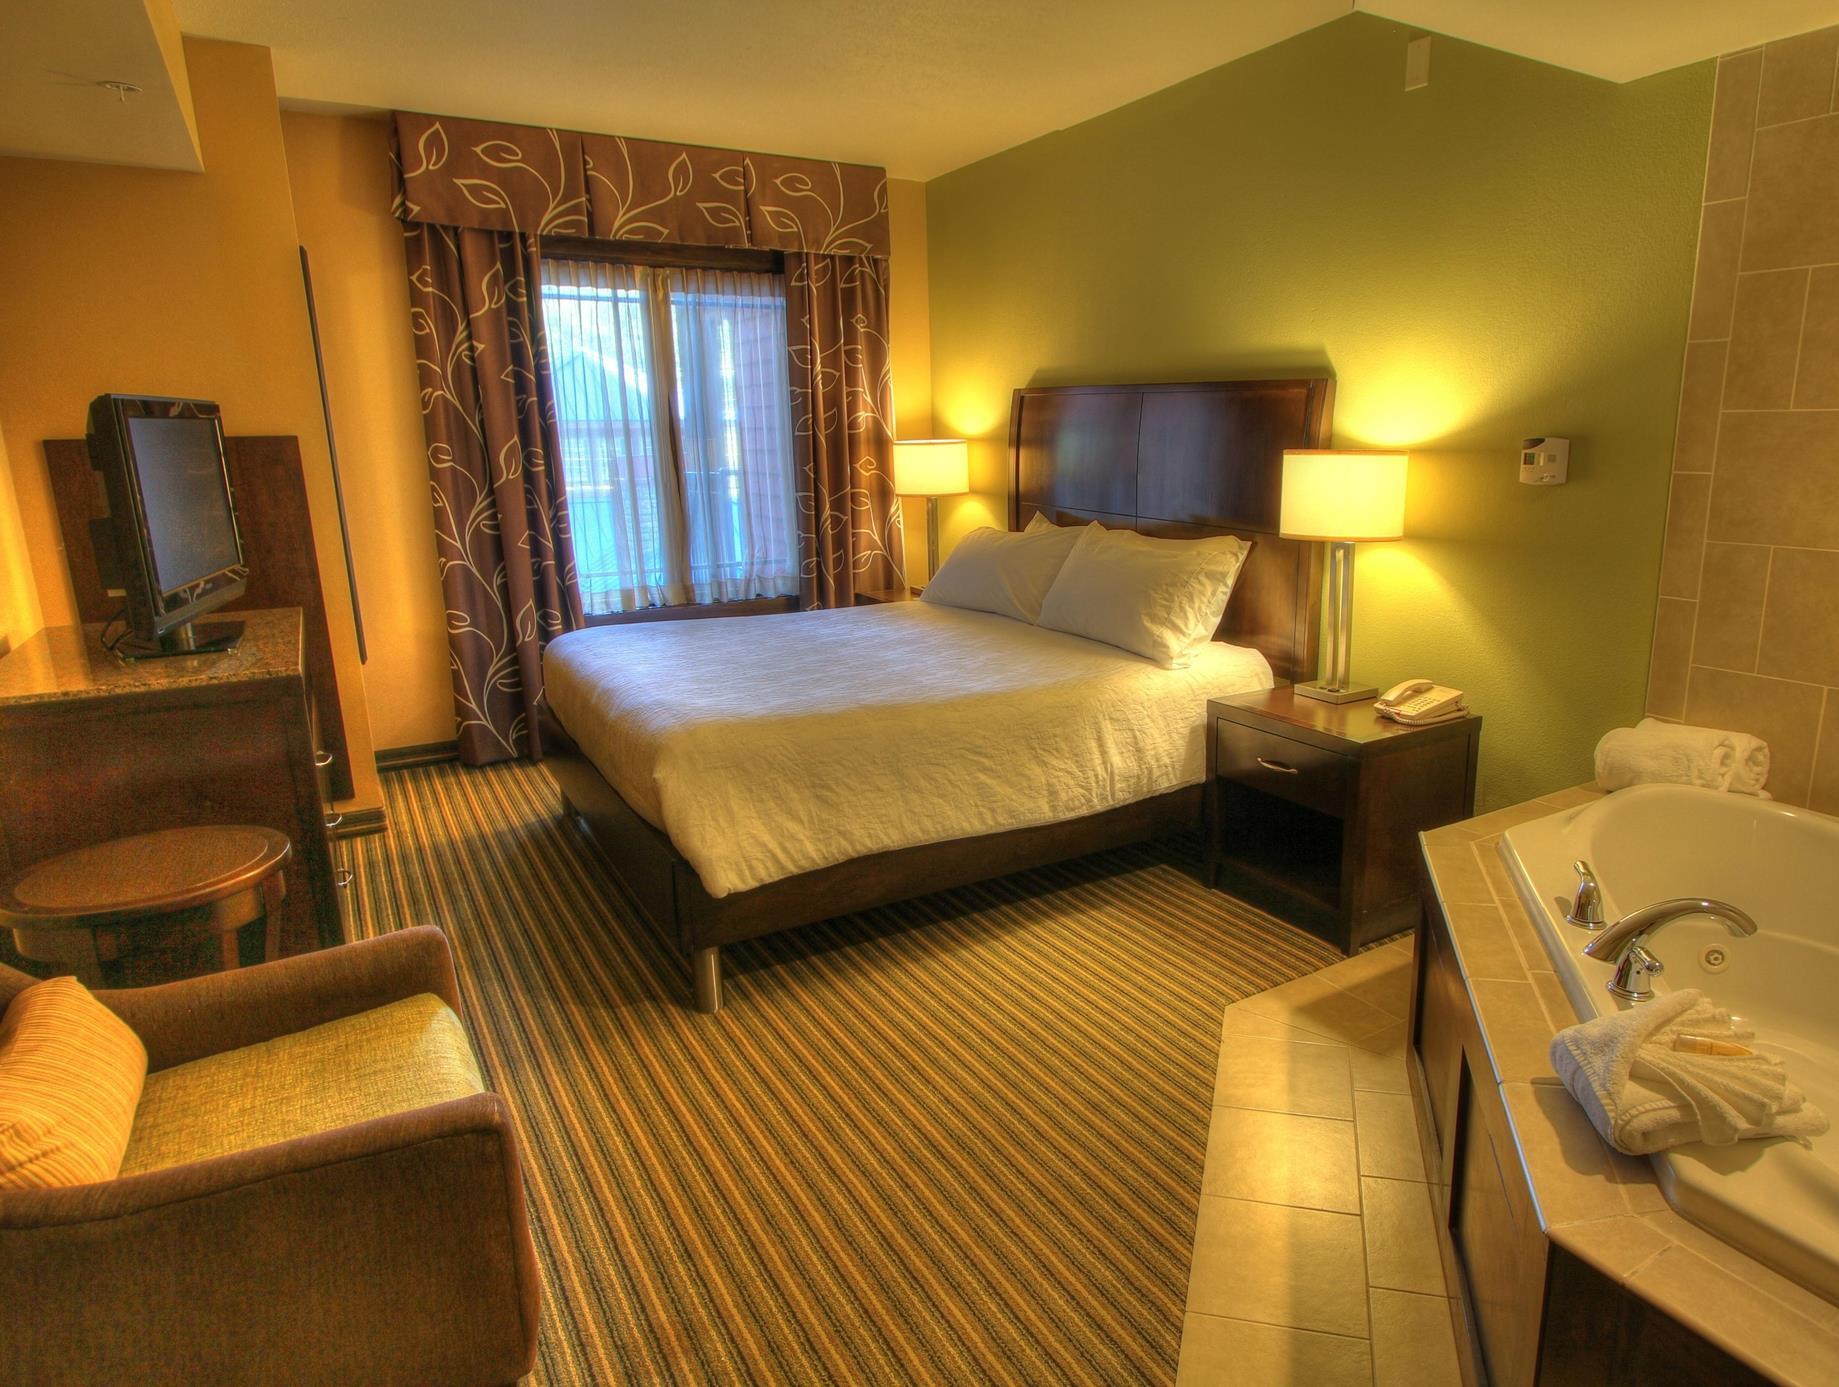 1 king 1 bedroom whirlpool suite - Hilton Garden Inn Gatlinburg